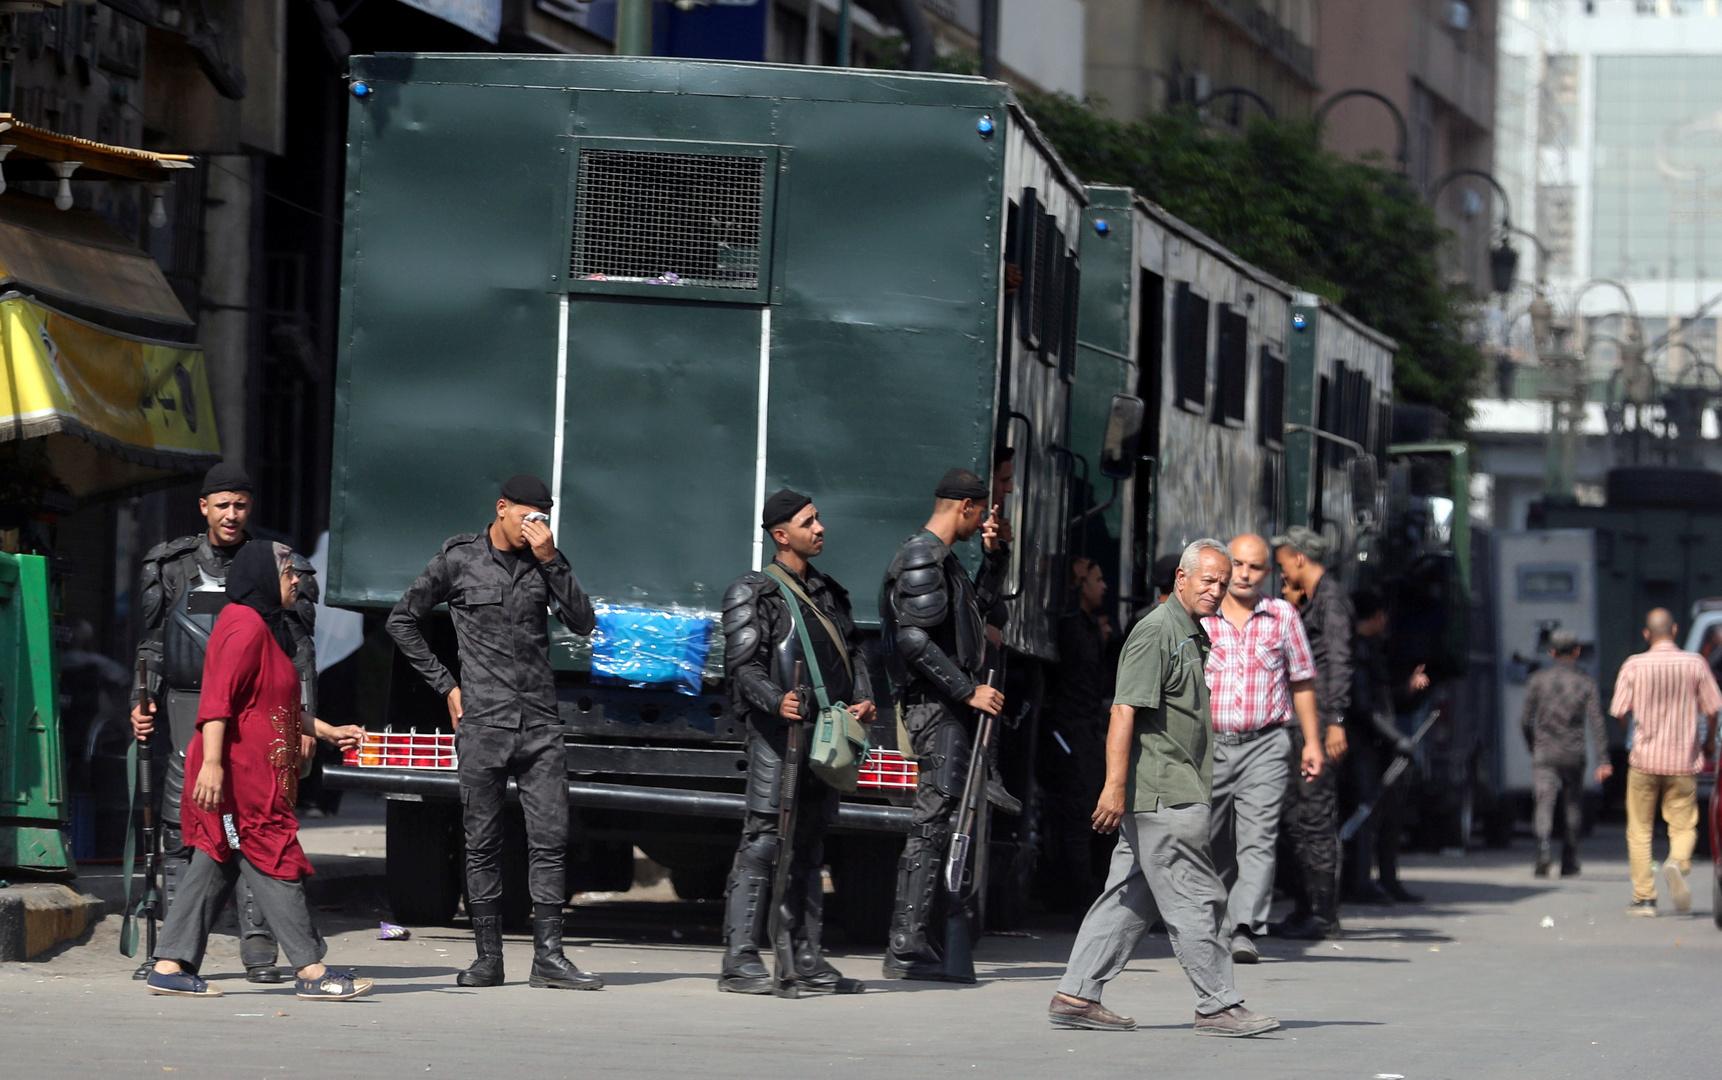 مصر.. شاب يقتل راقصة أجنبية في حي راق ووسائل الإعلام تنشر صورتها